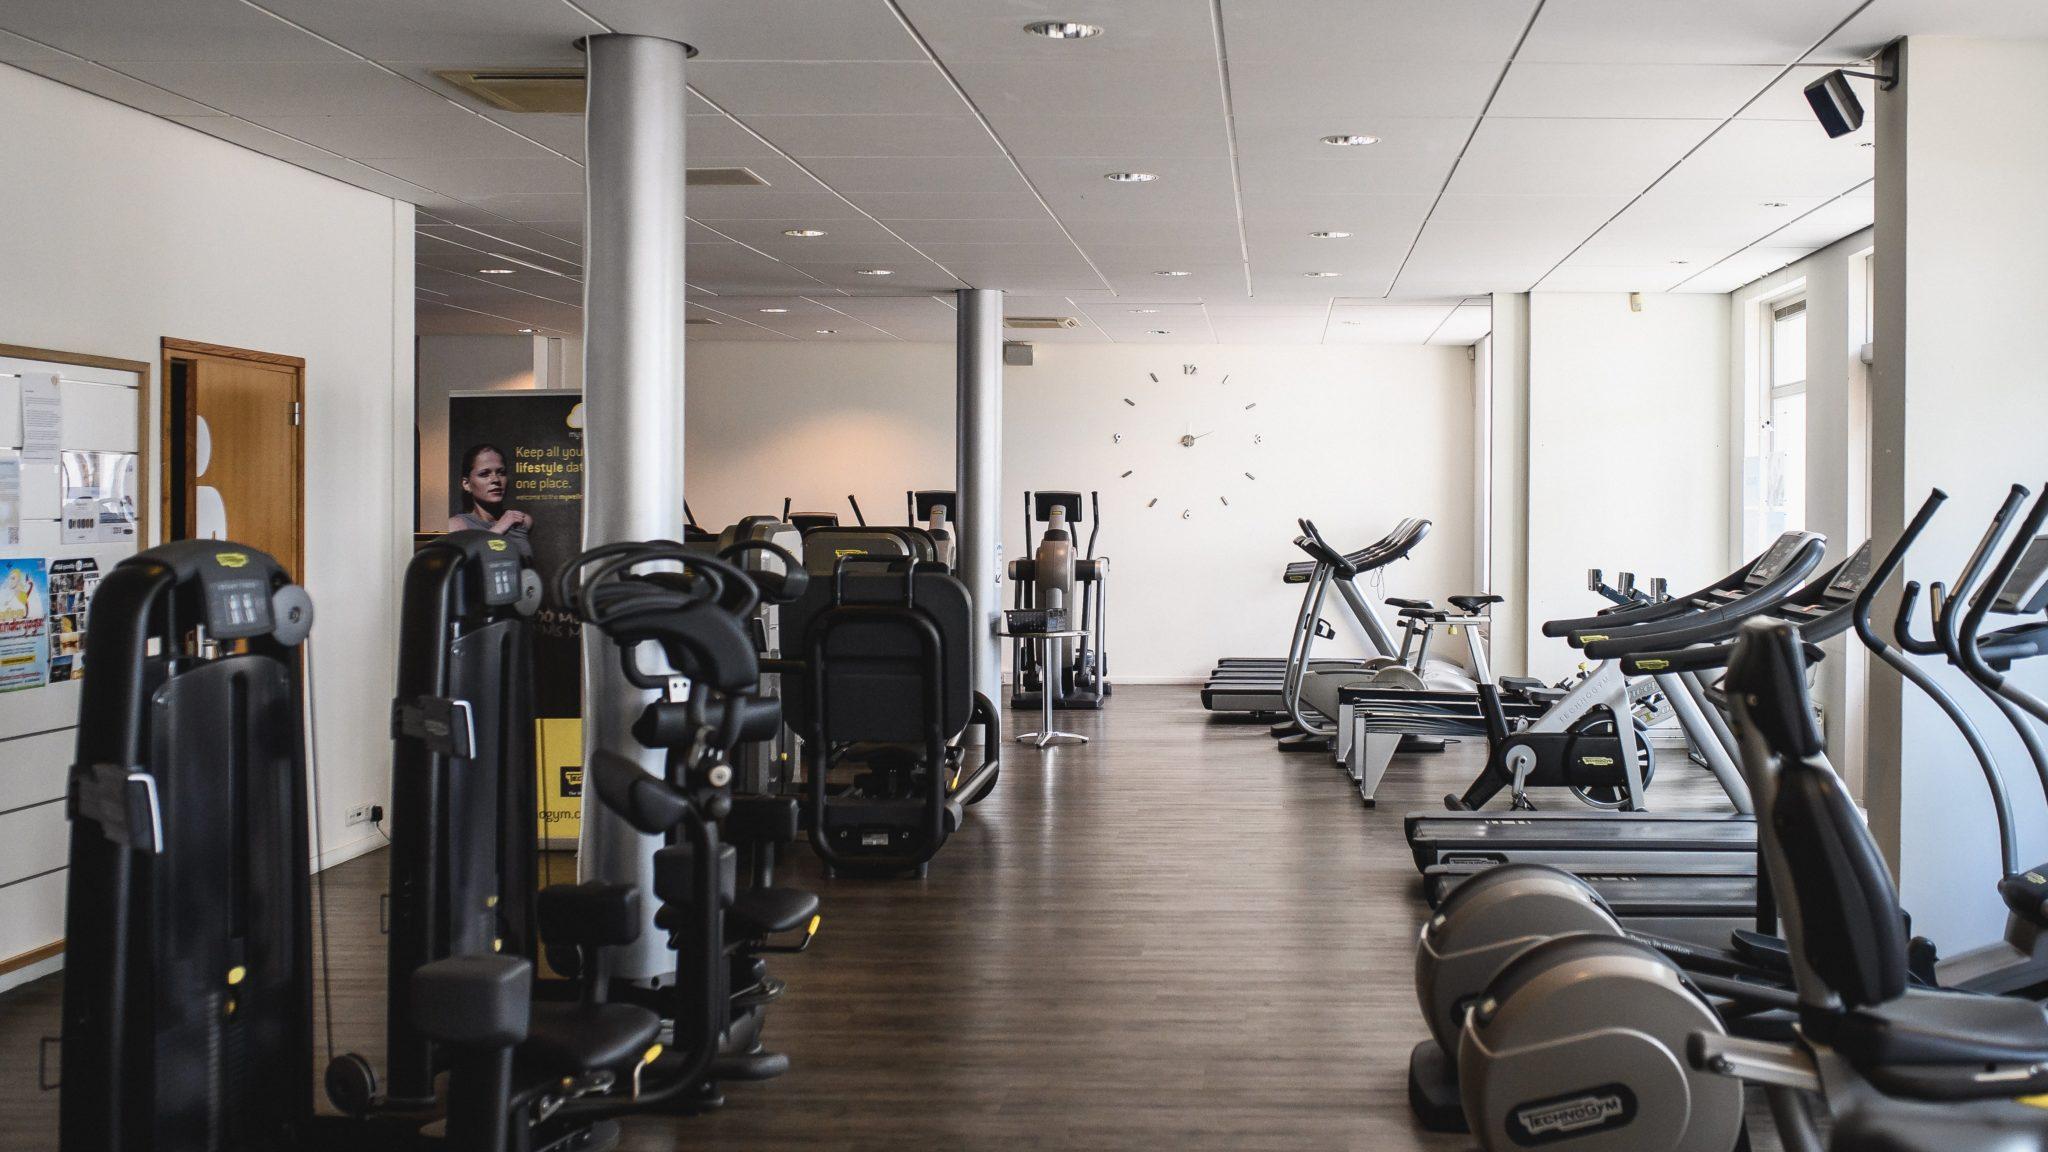 fysiotherapie faciliteiten